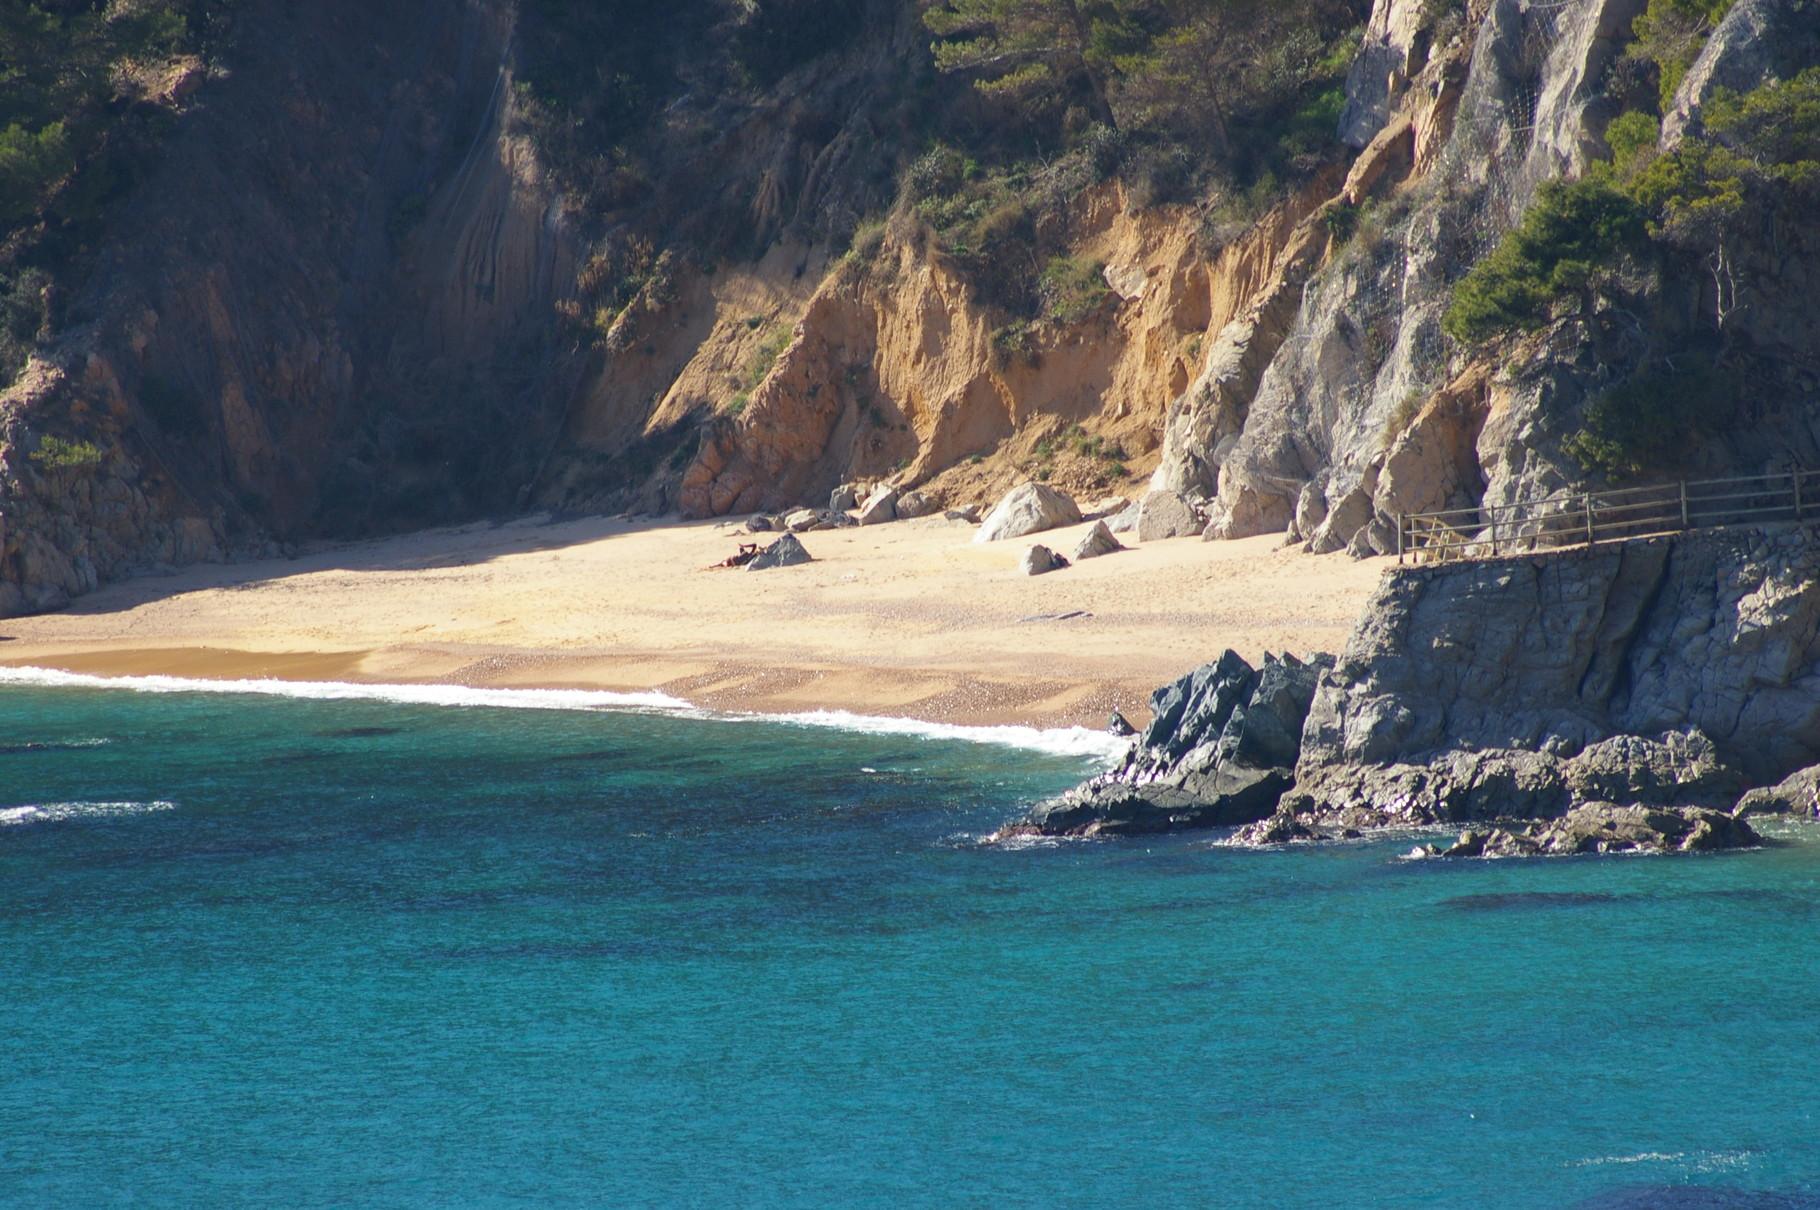 Santa María de Llorell beach